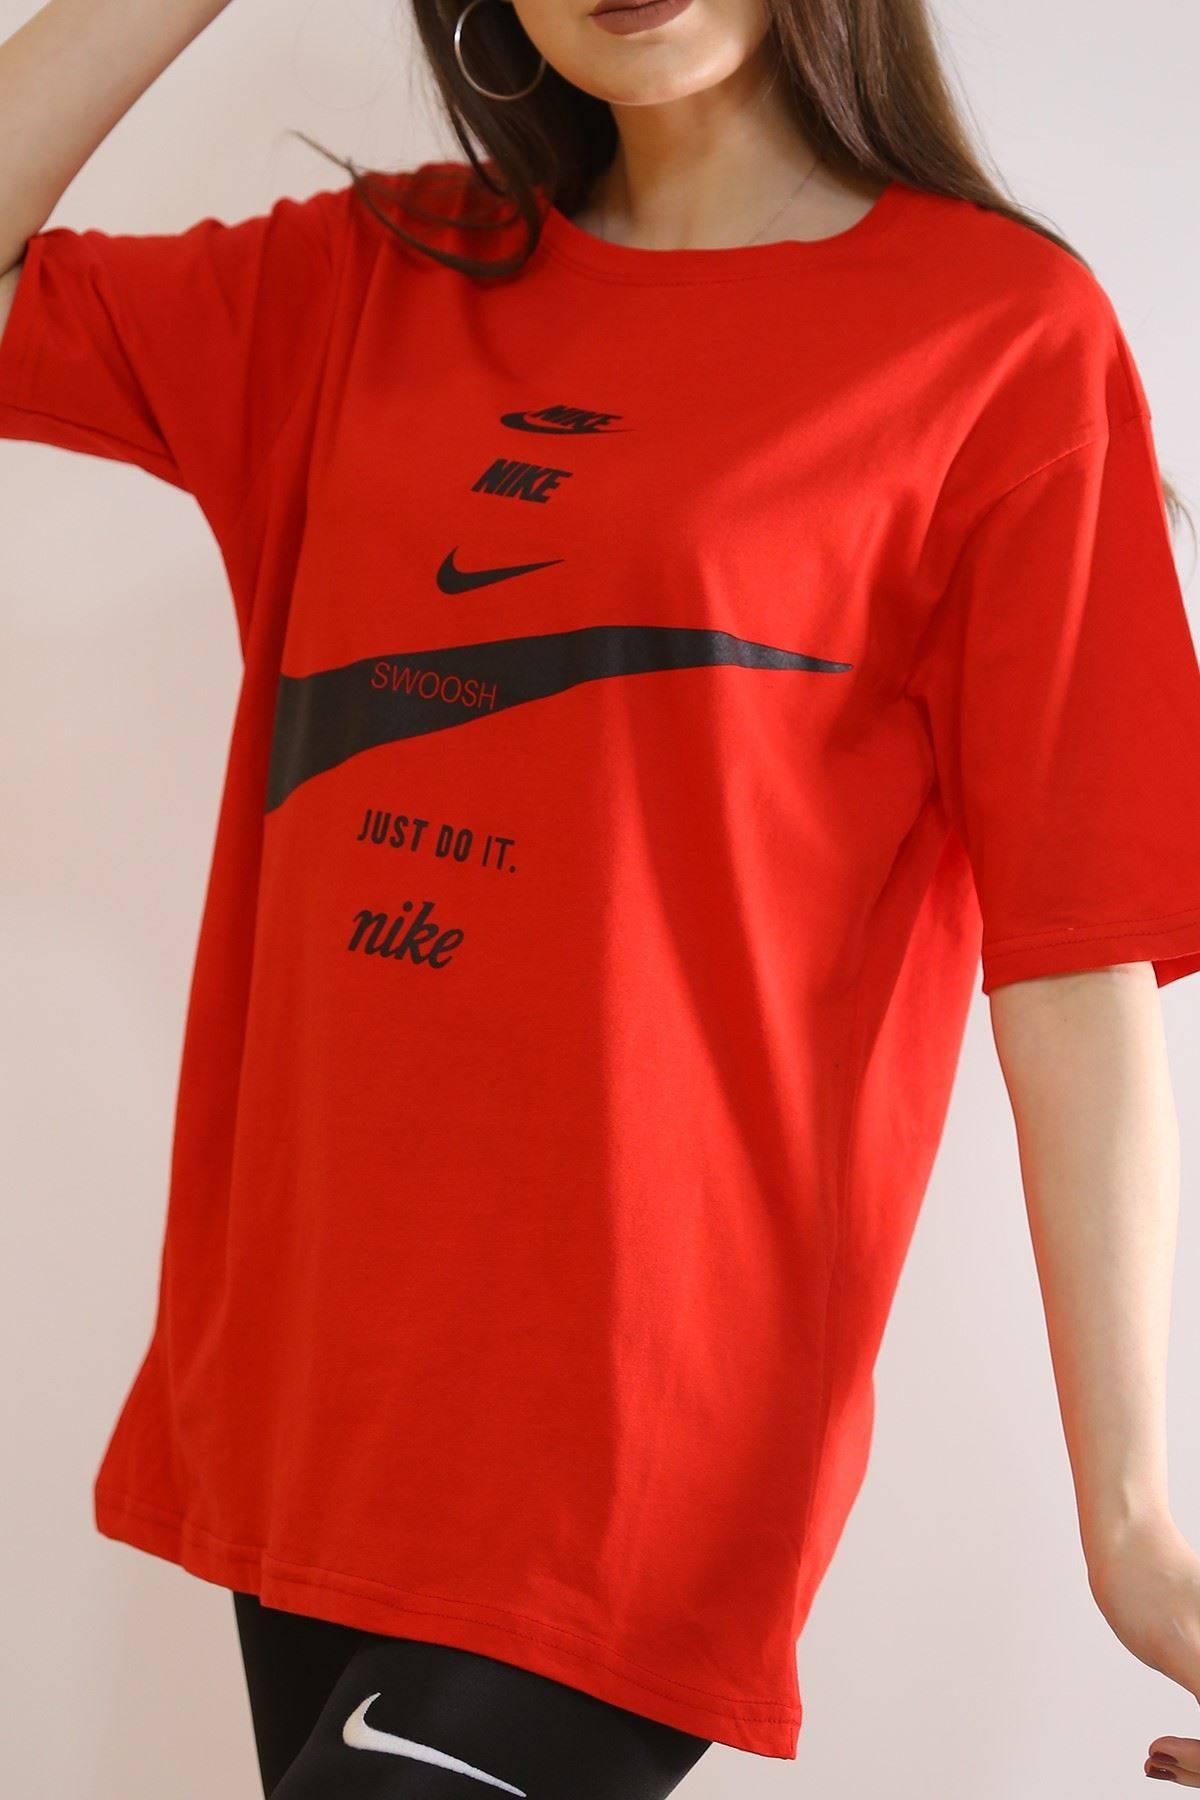 Baskılı Tişört Kırmızı - 6069.1247.